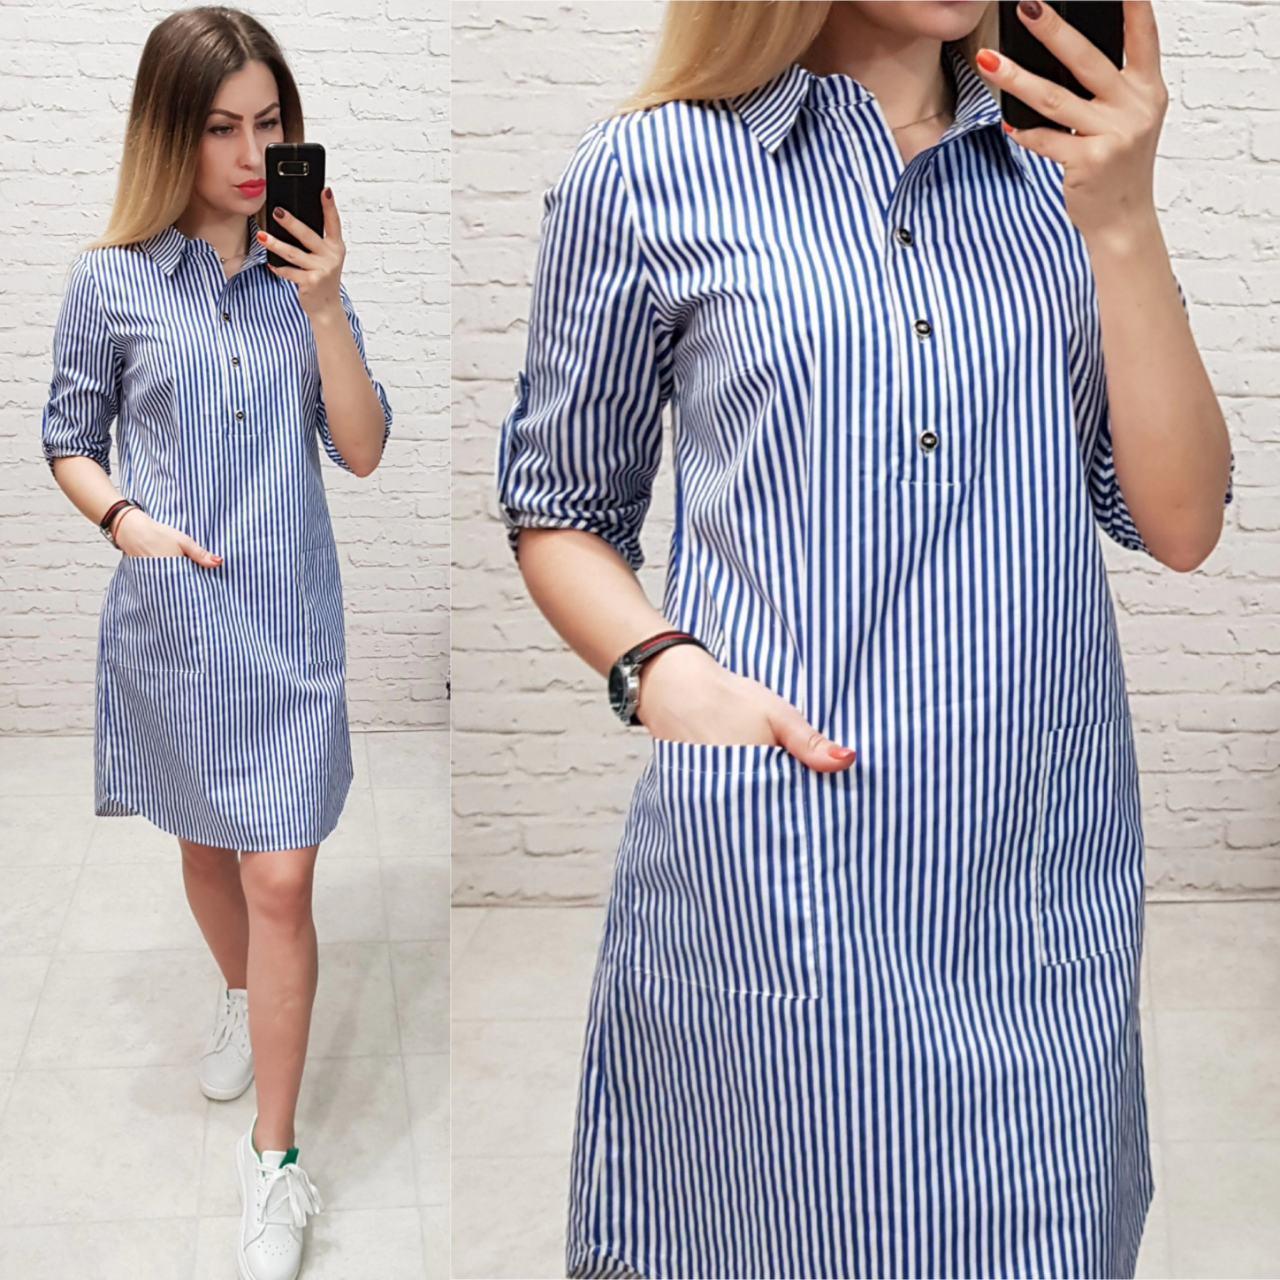 Новинка!!! Стильне плаття - сорочка з кишенями, арт 831, колір синій в смужку